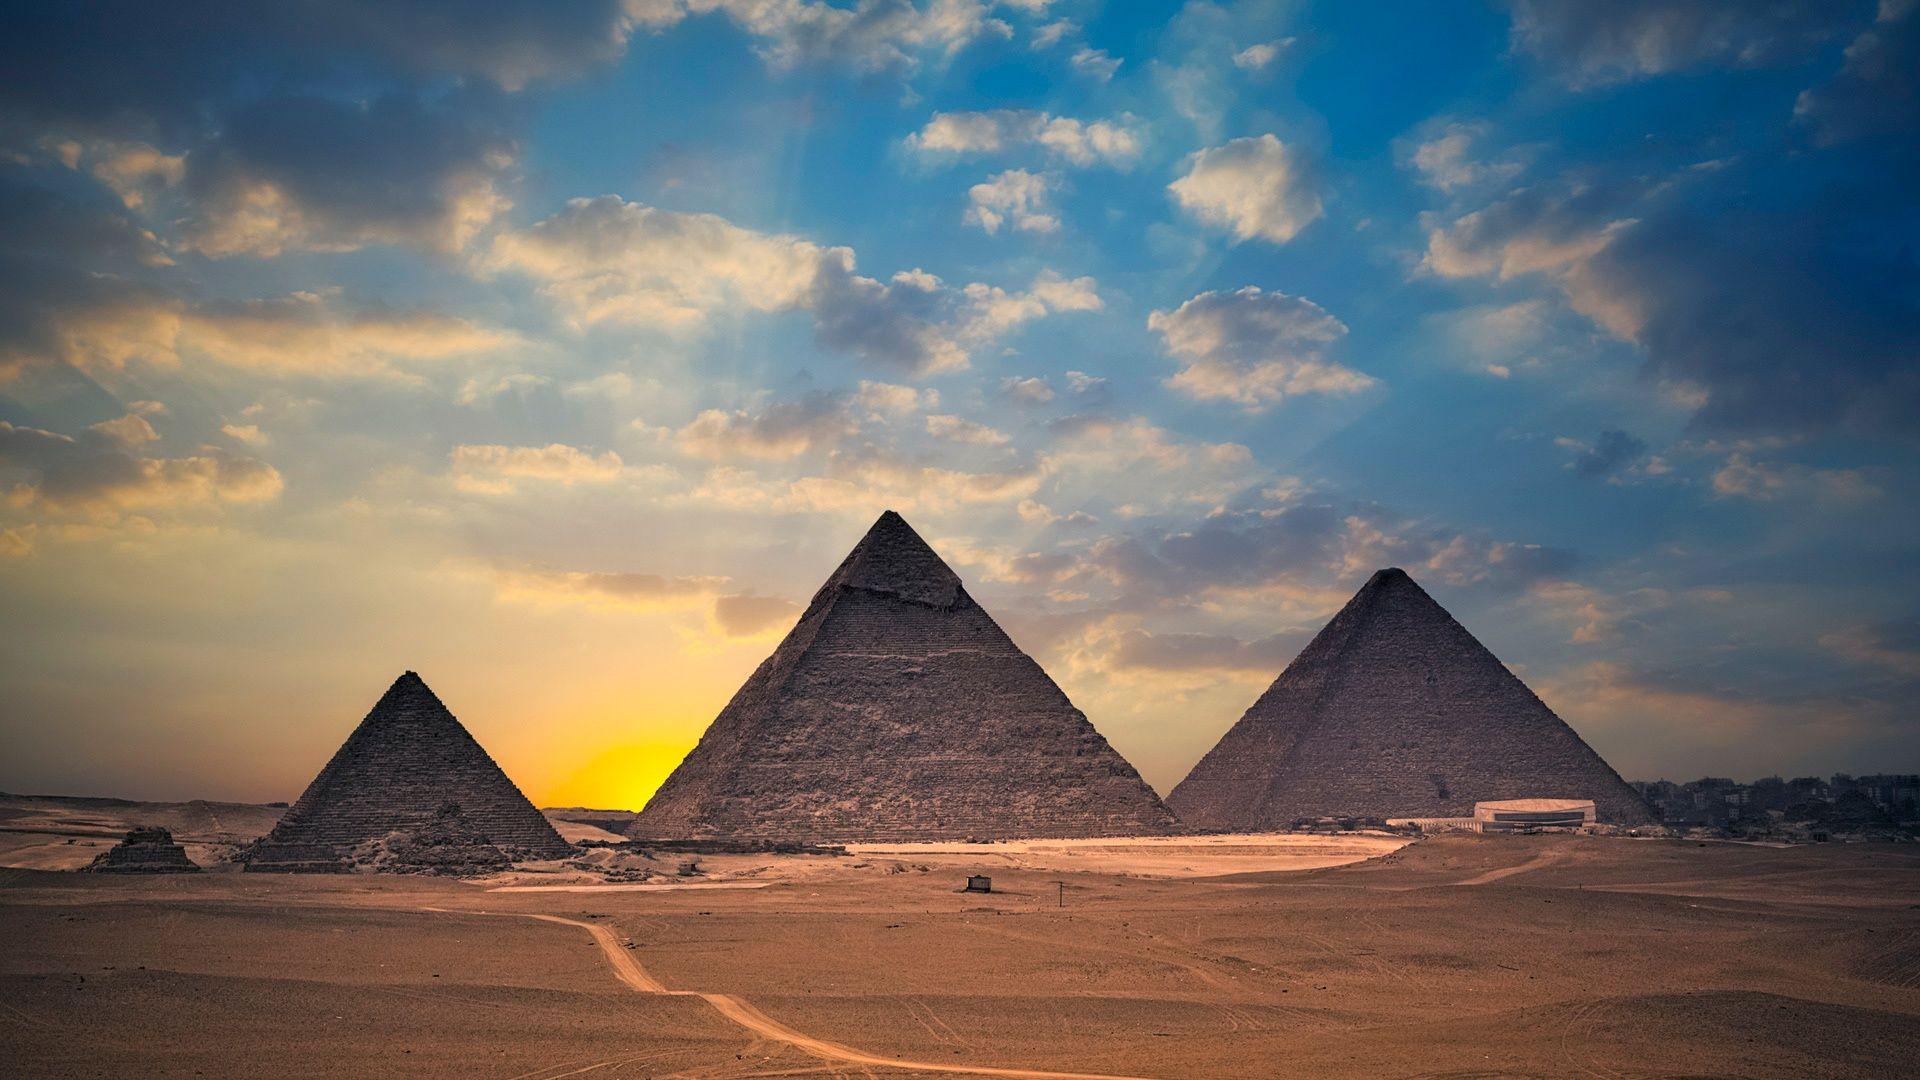 Paisajes hd fondos viajes baratos egipto y el cairo for Fondos de pantalla 7 maravillas del mundo